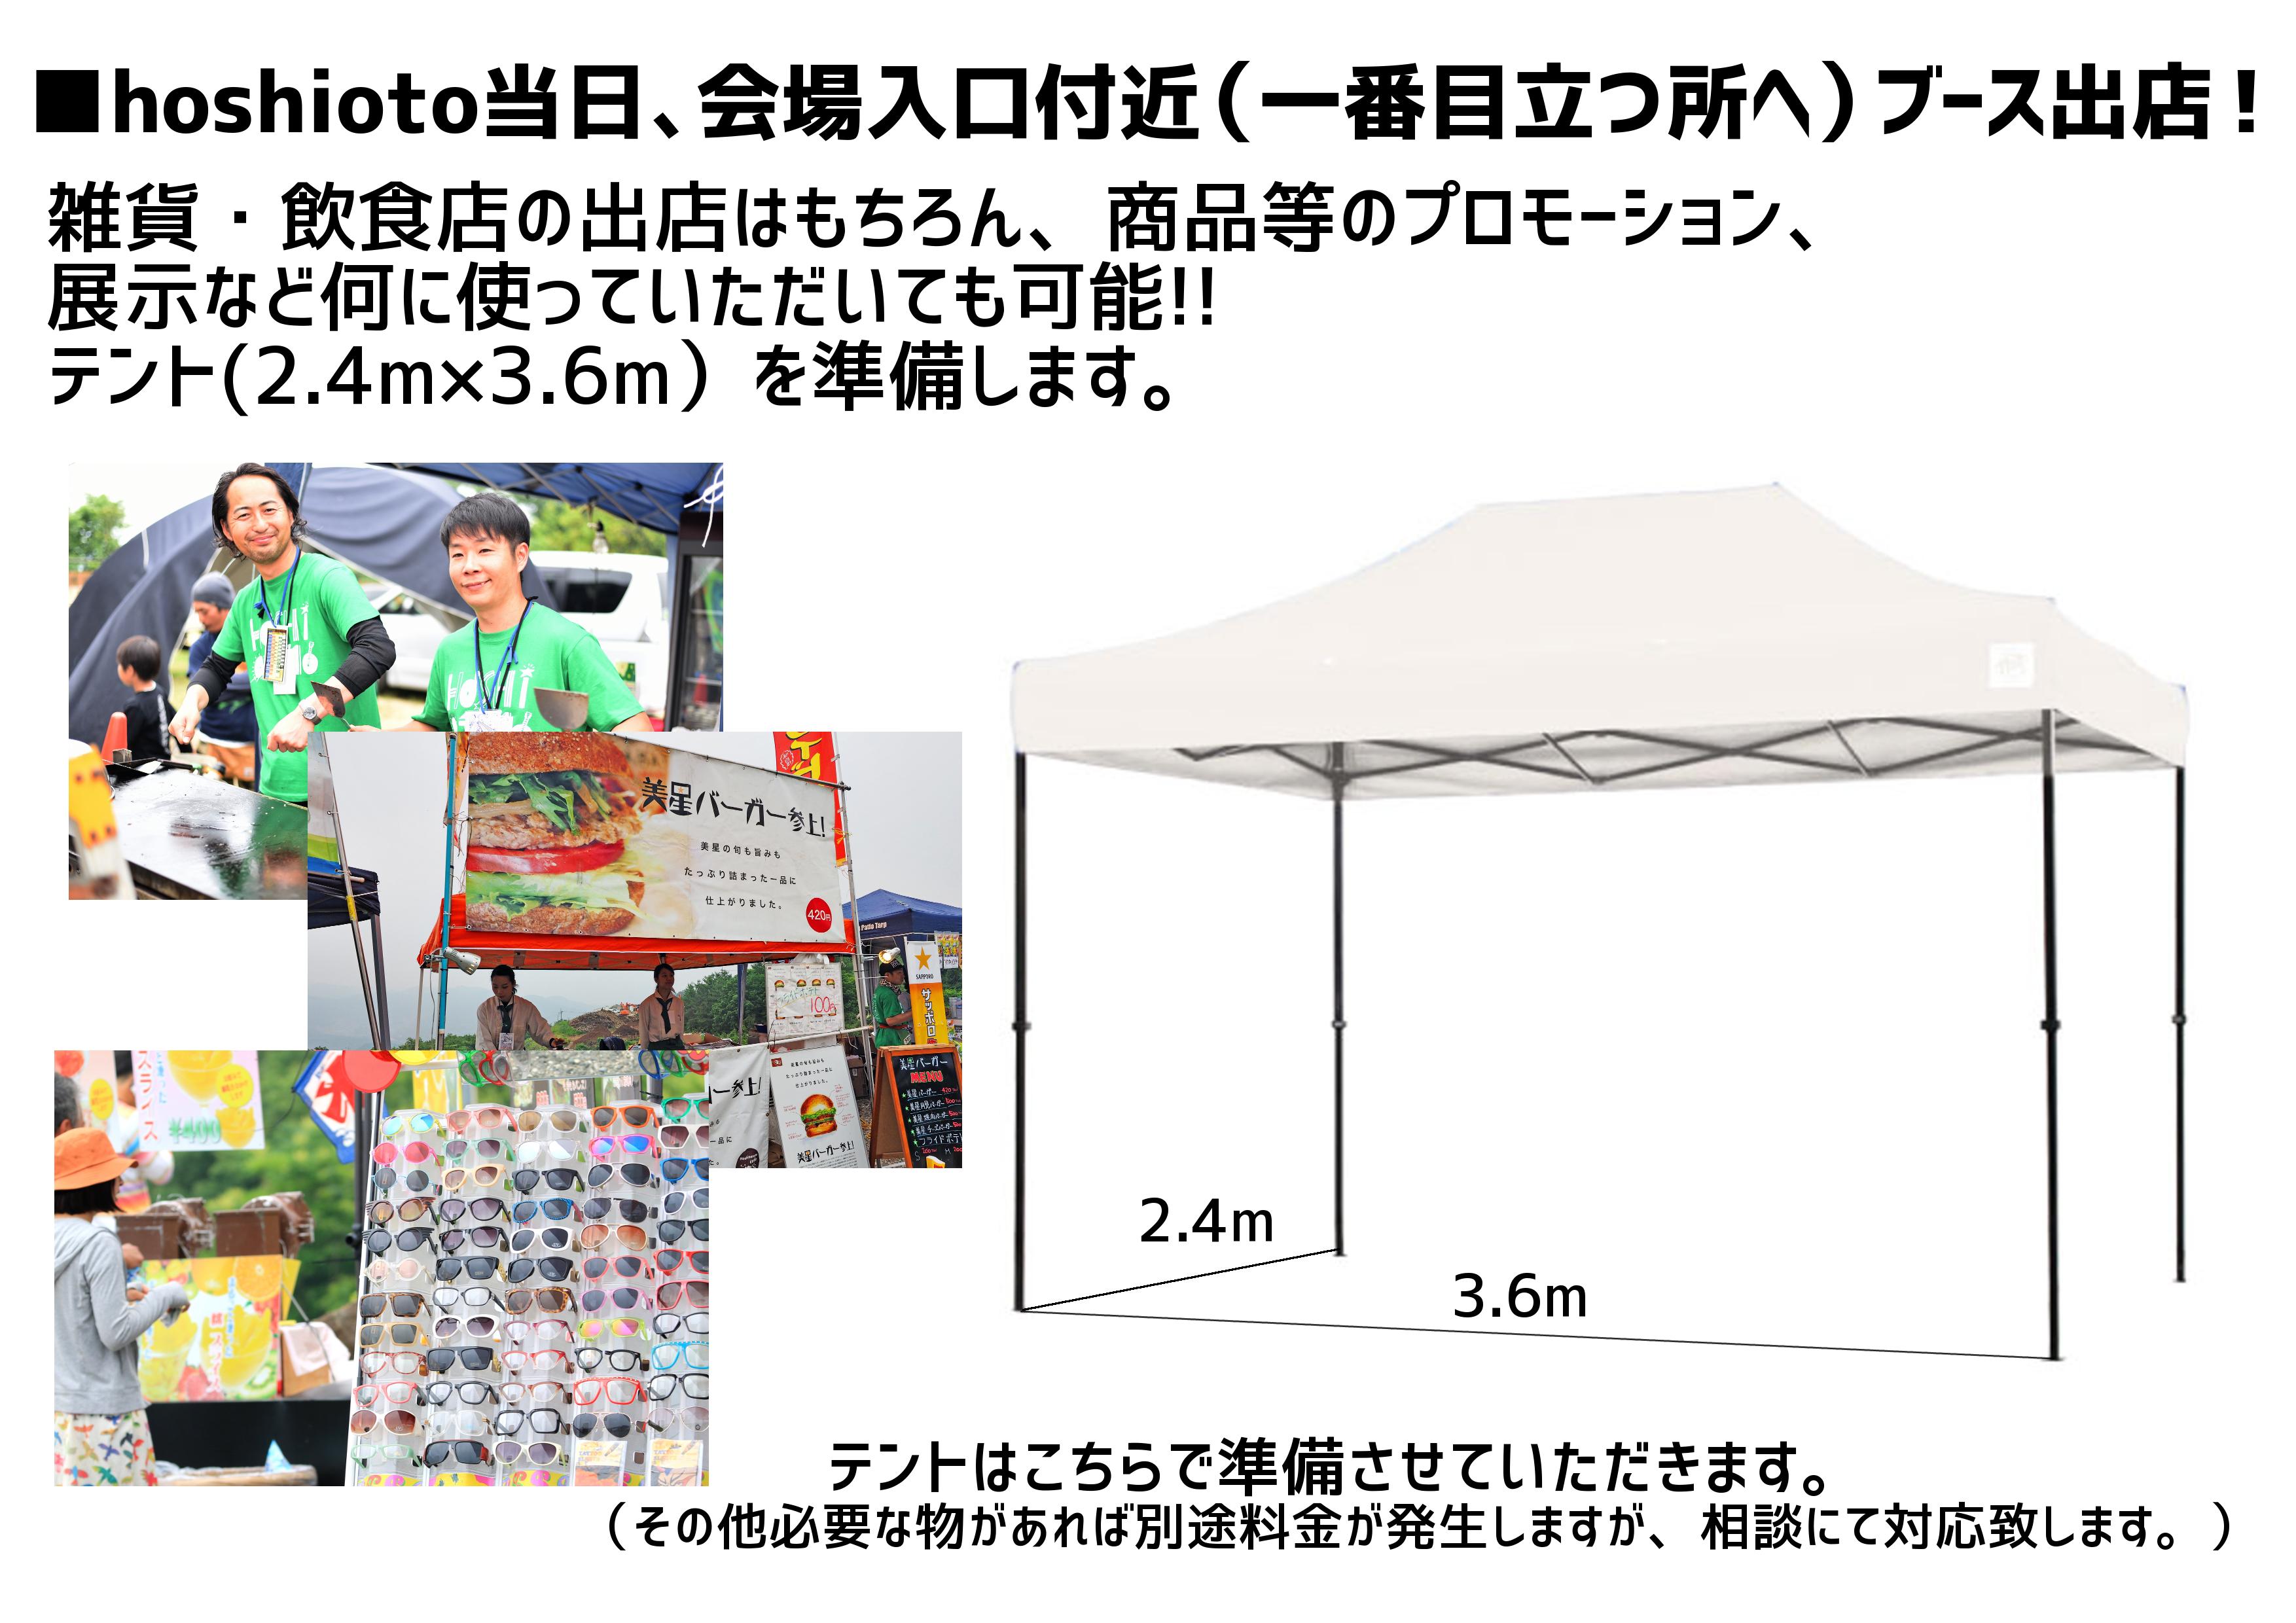 <企業様向けhoshioto'20出店プラン)>限定 3名